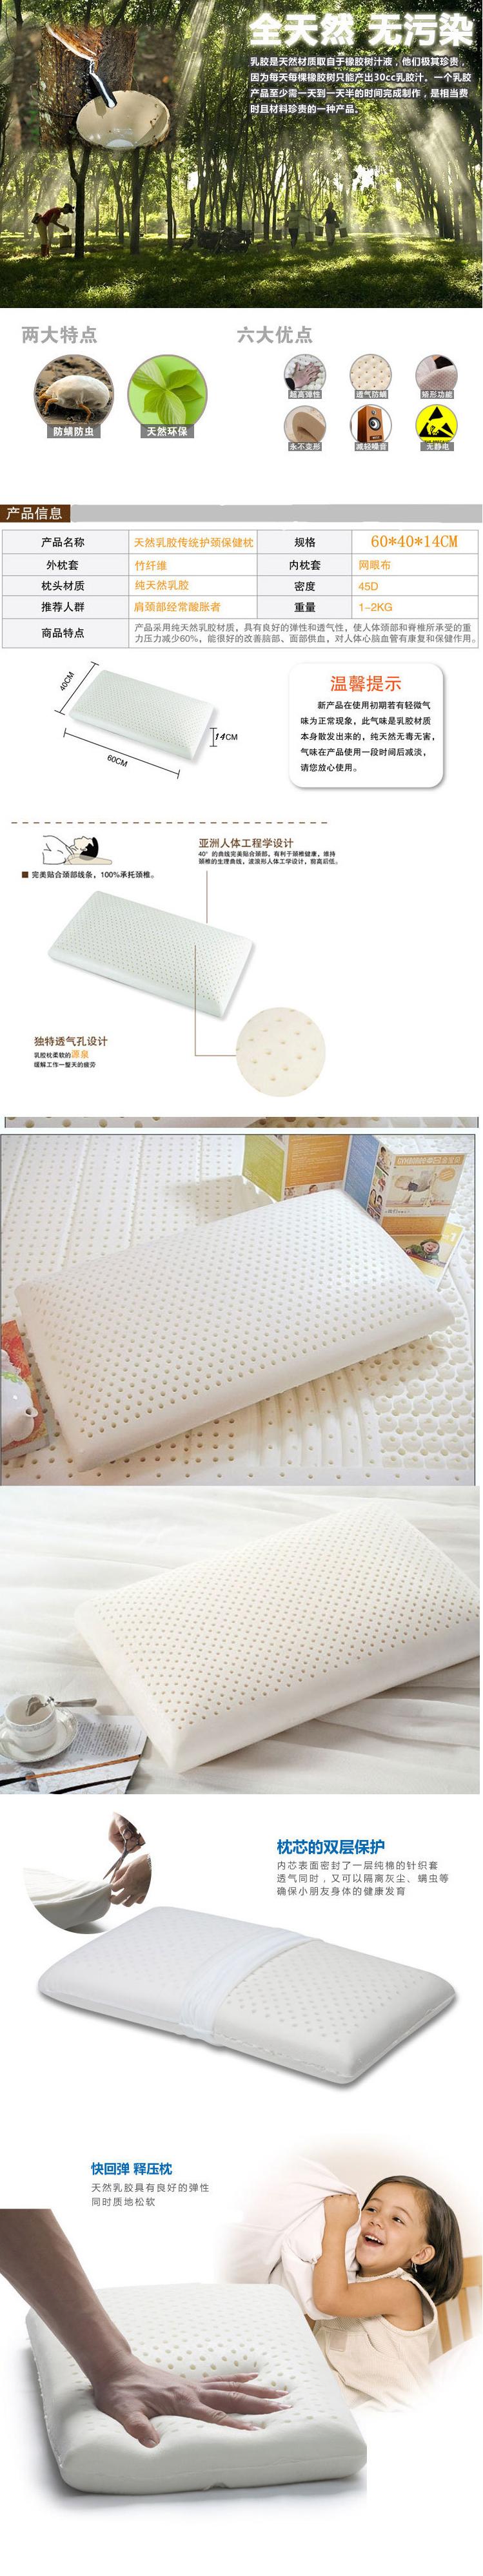 进口纯天然乳胶枕 60*40*12面包乳胶枕 保健枕记忆枕